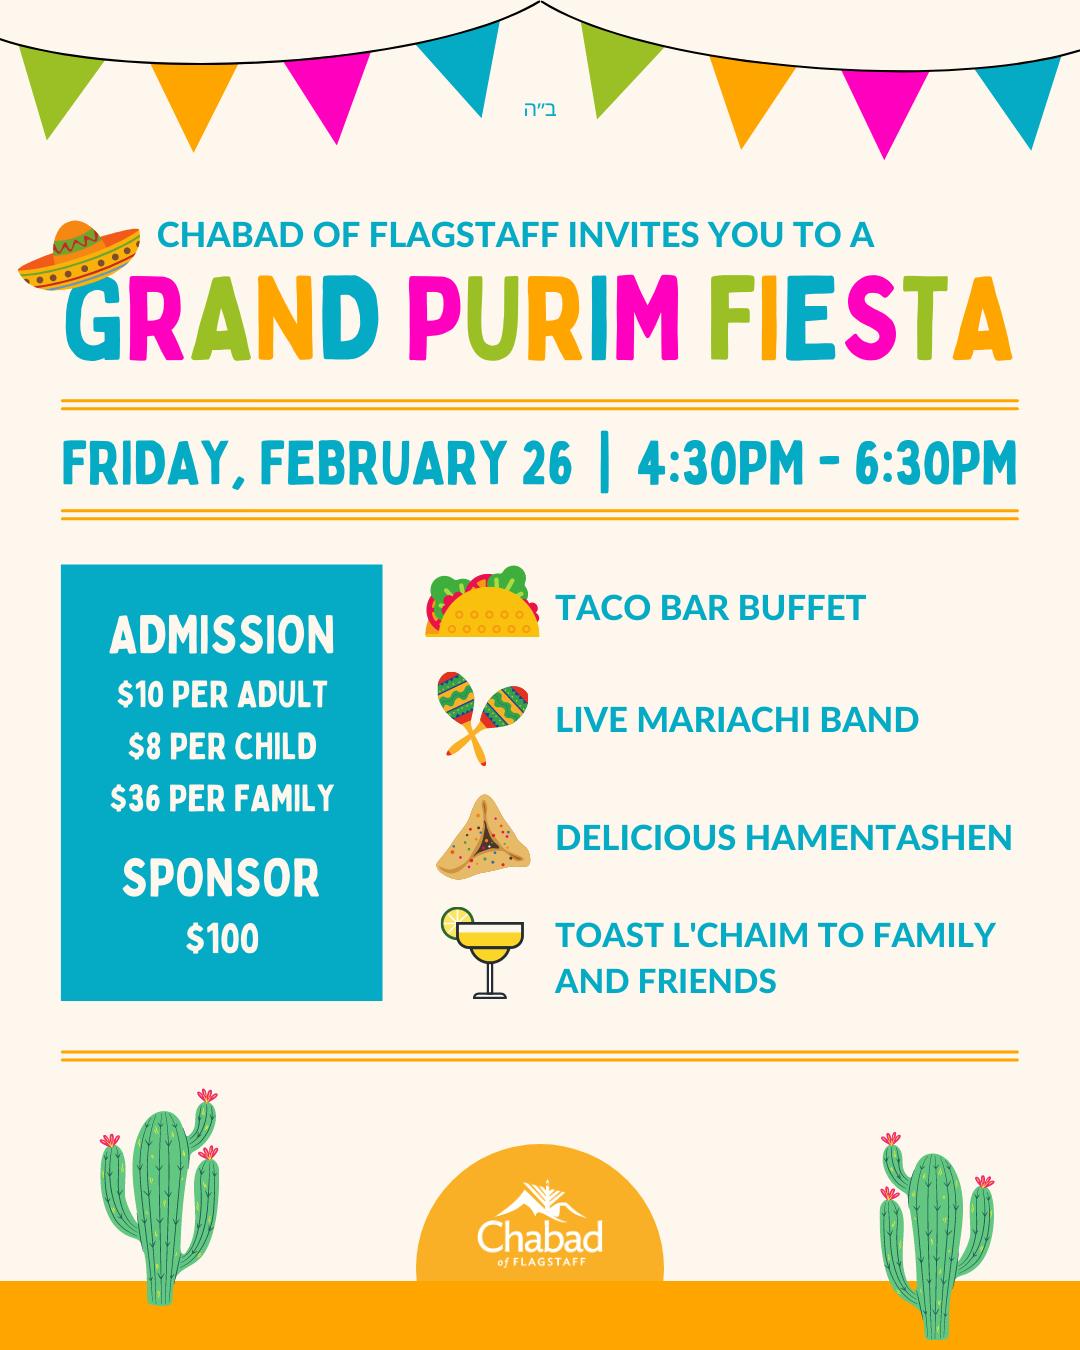 Grand Purim Fiesta - big.png